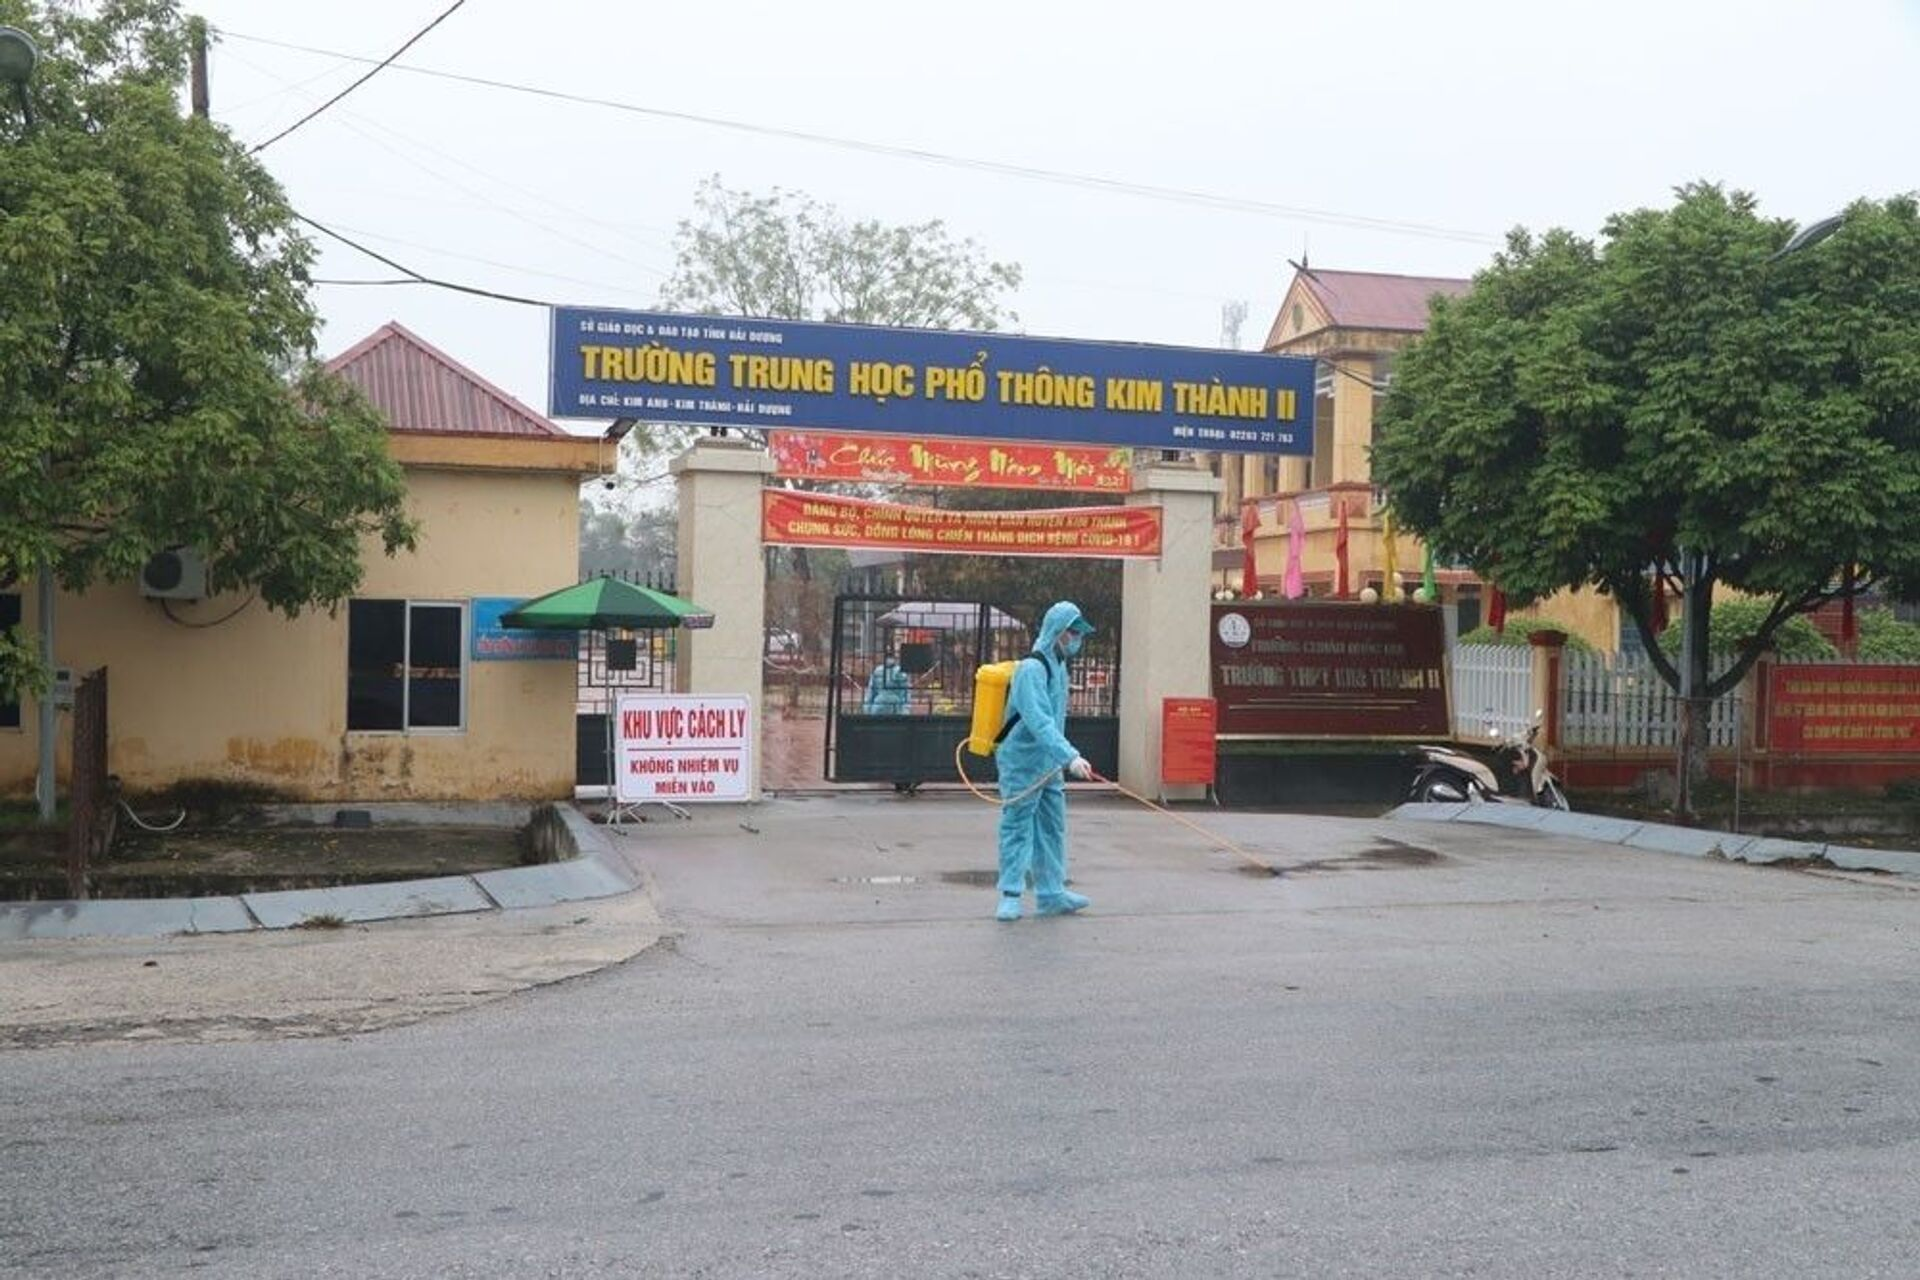 Việt Nam – Singapore bàn về tình hình Myanmar, khả năng áp dụng hộ chiếu vaccine Covid-19 - Sputnik Việt Nam, 1920, 04.03.2021